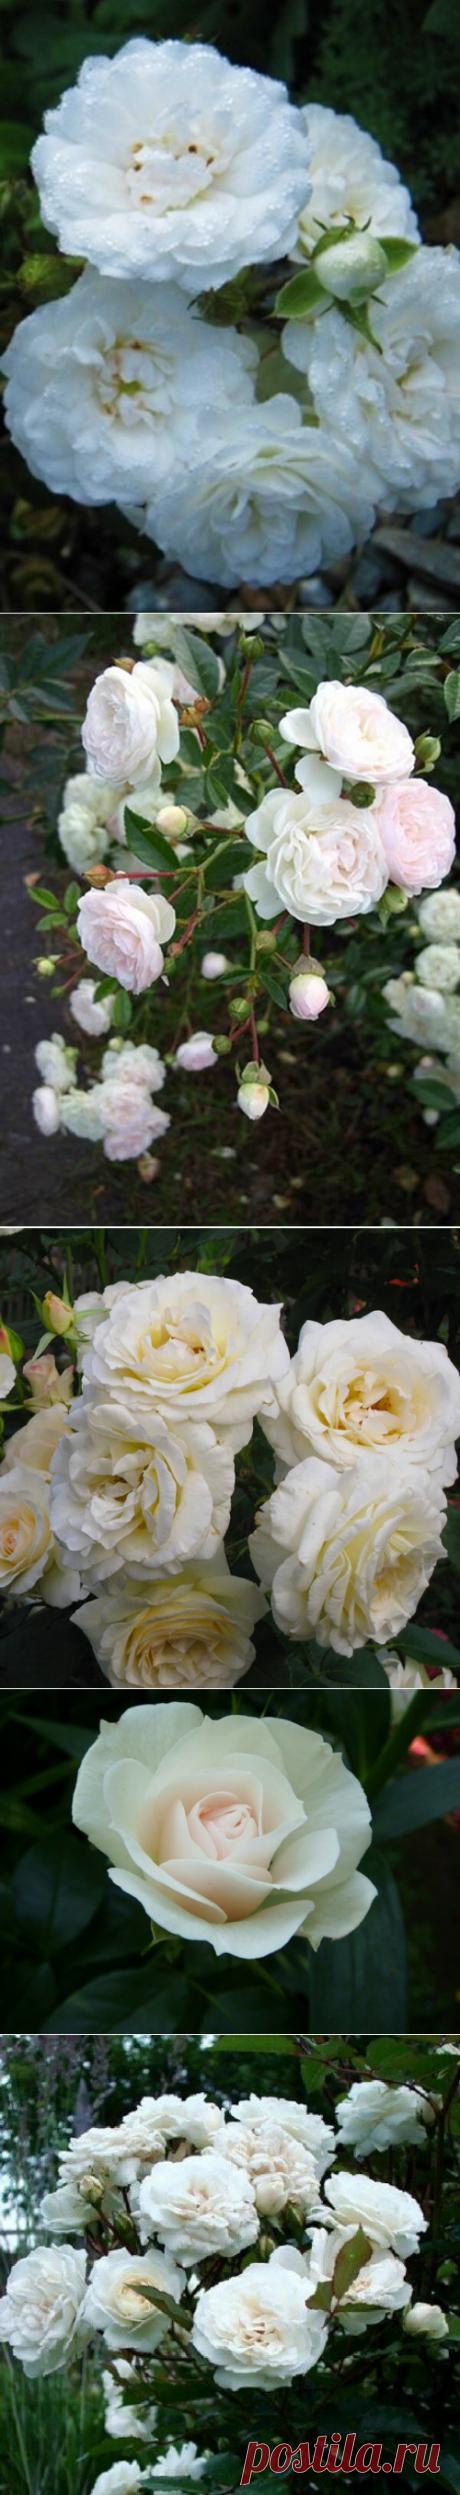 Белые розы - 5 лучших сортов для вашего сада   Fragoletta (Земляничка)   Яндекс Дзен